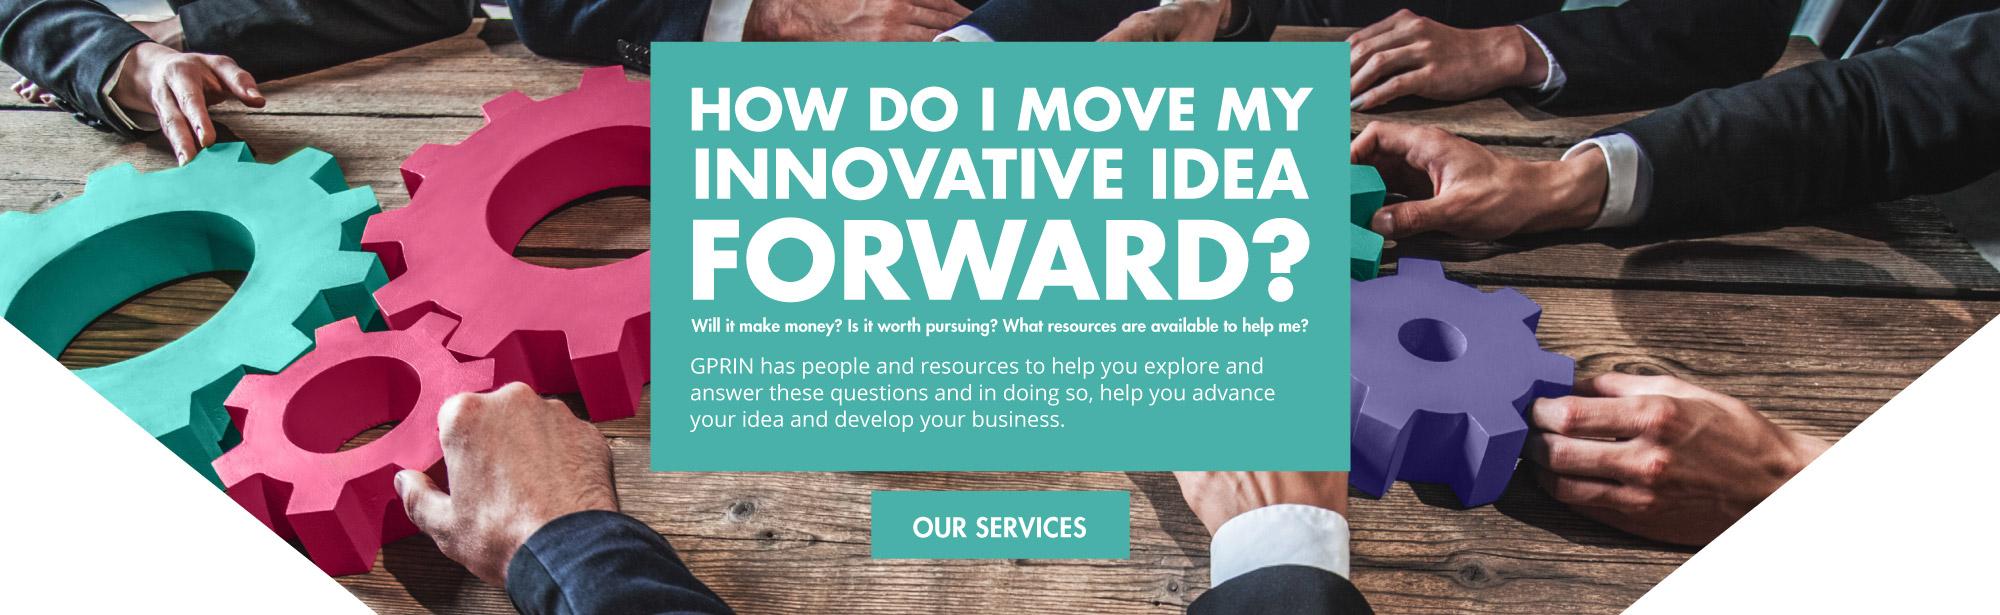 How Do I Move My Innovative Idea Forward?